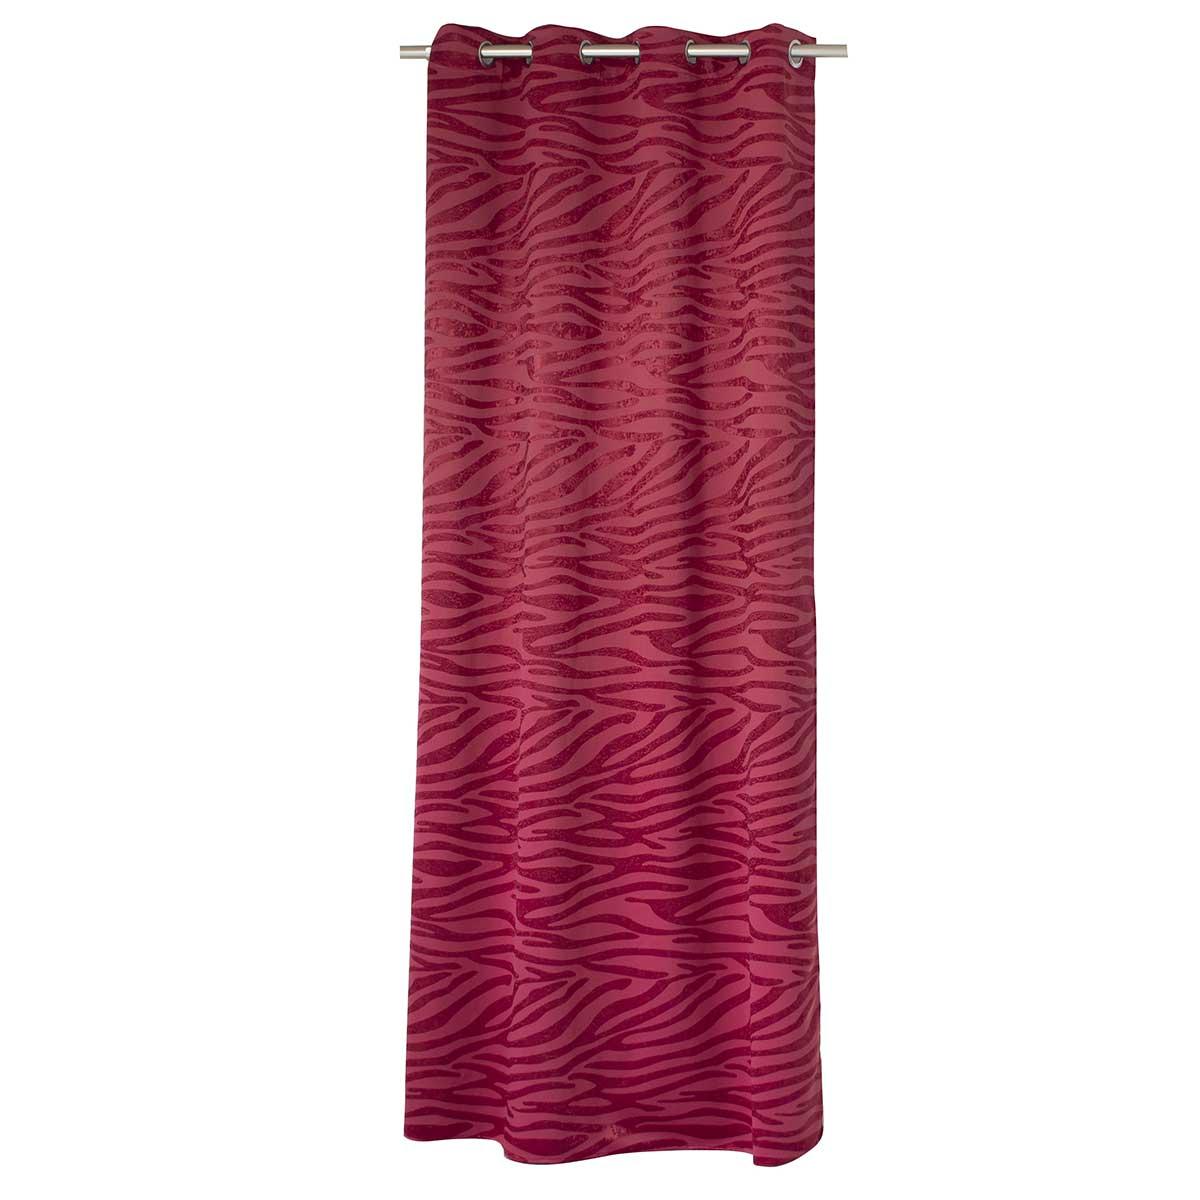 Rideau occultant à jacquard tigré - Rouge - 135 x 240cm